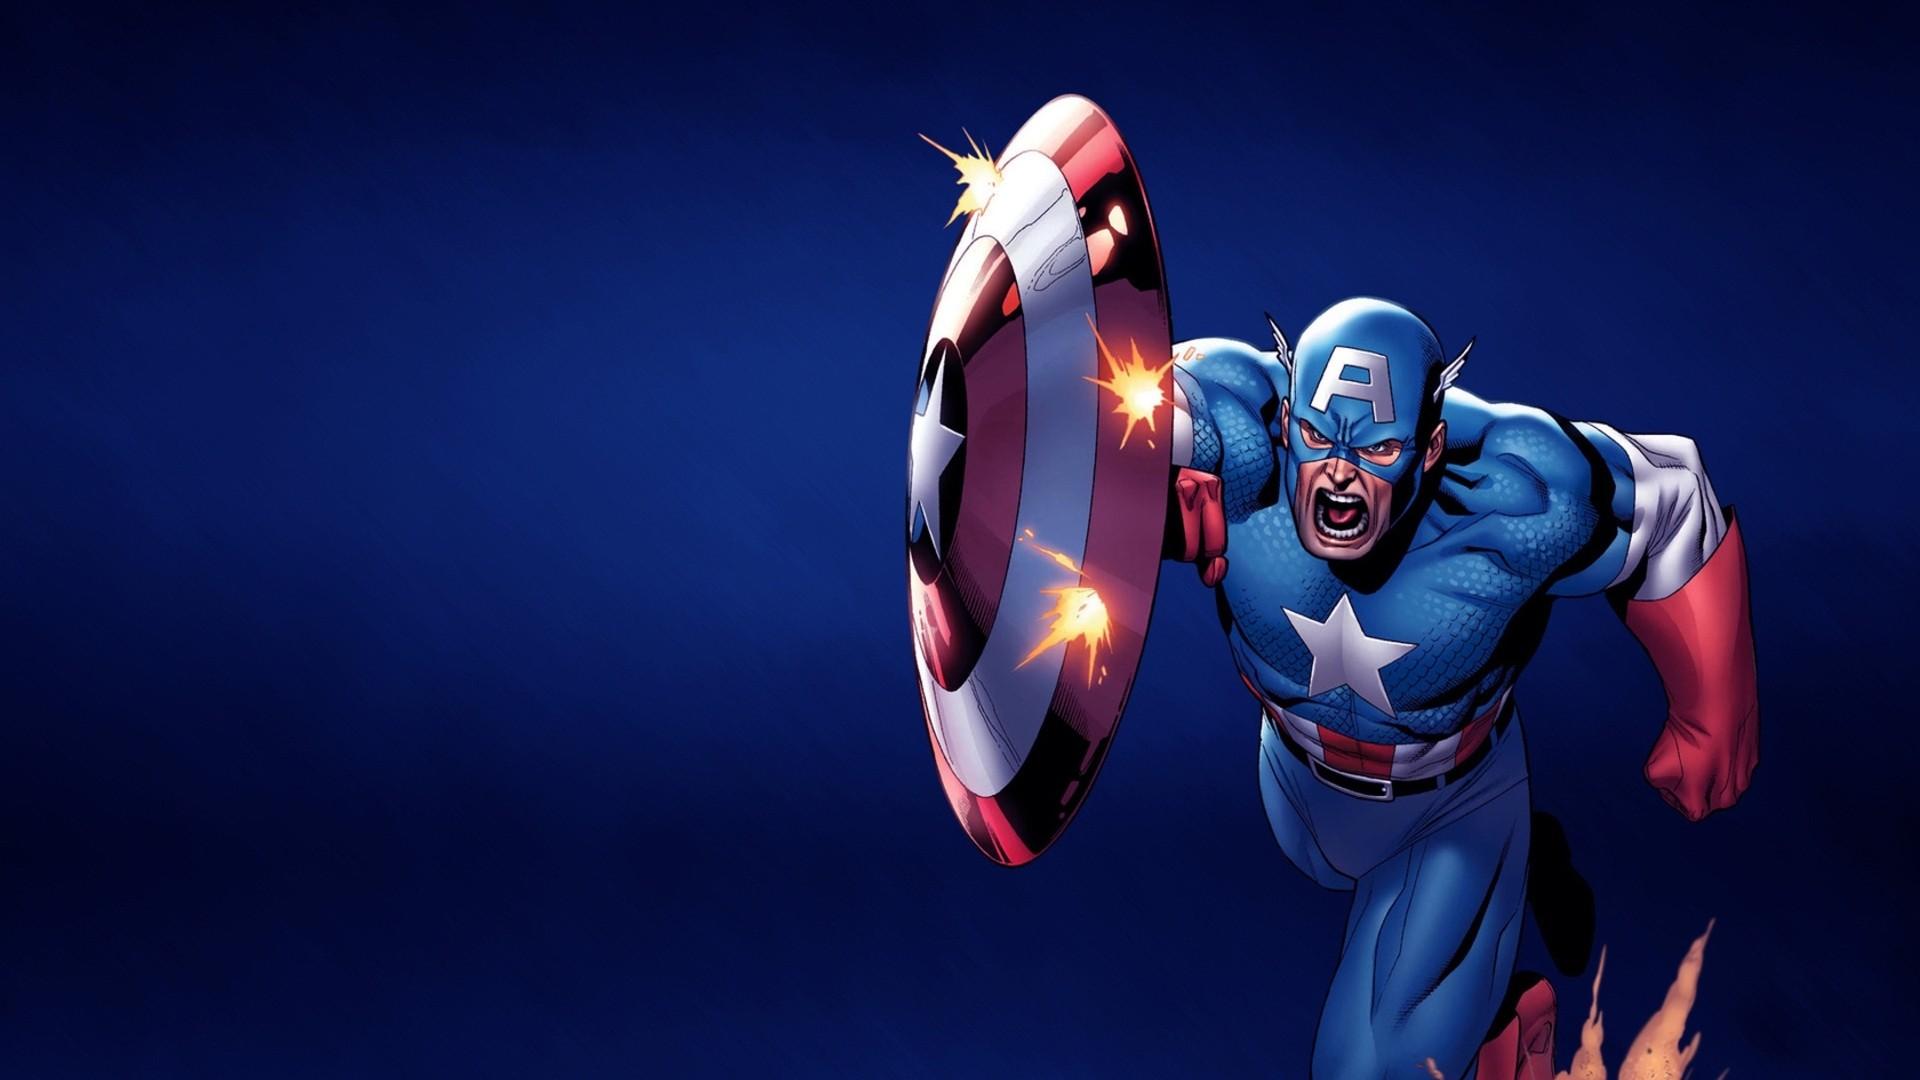 Captain America Wallpaper Photo HD